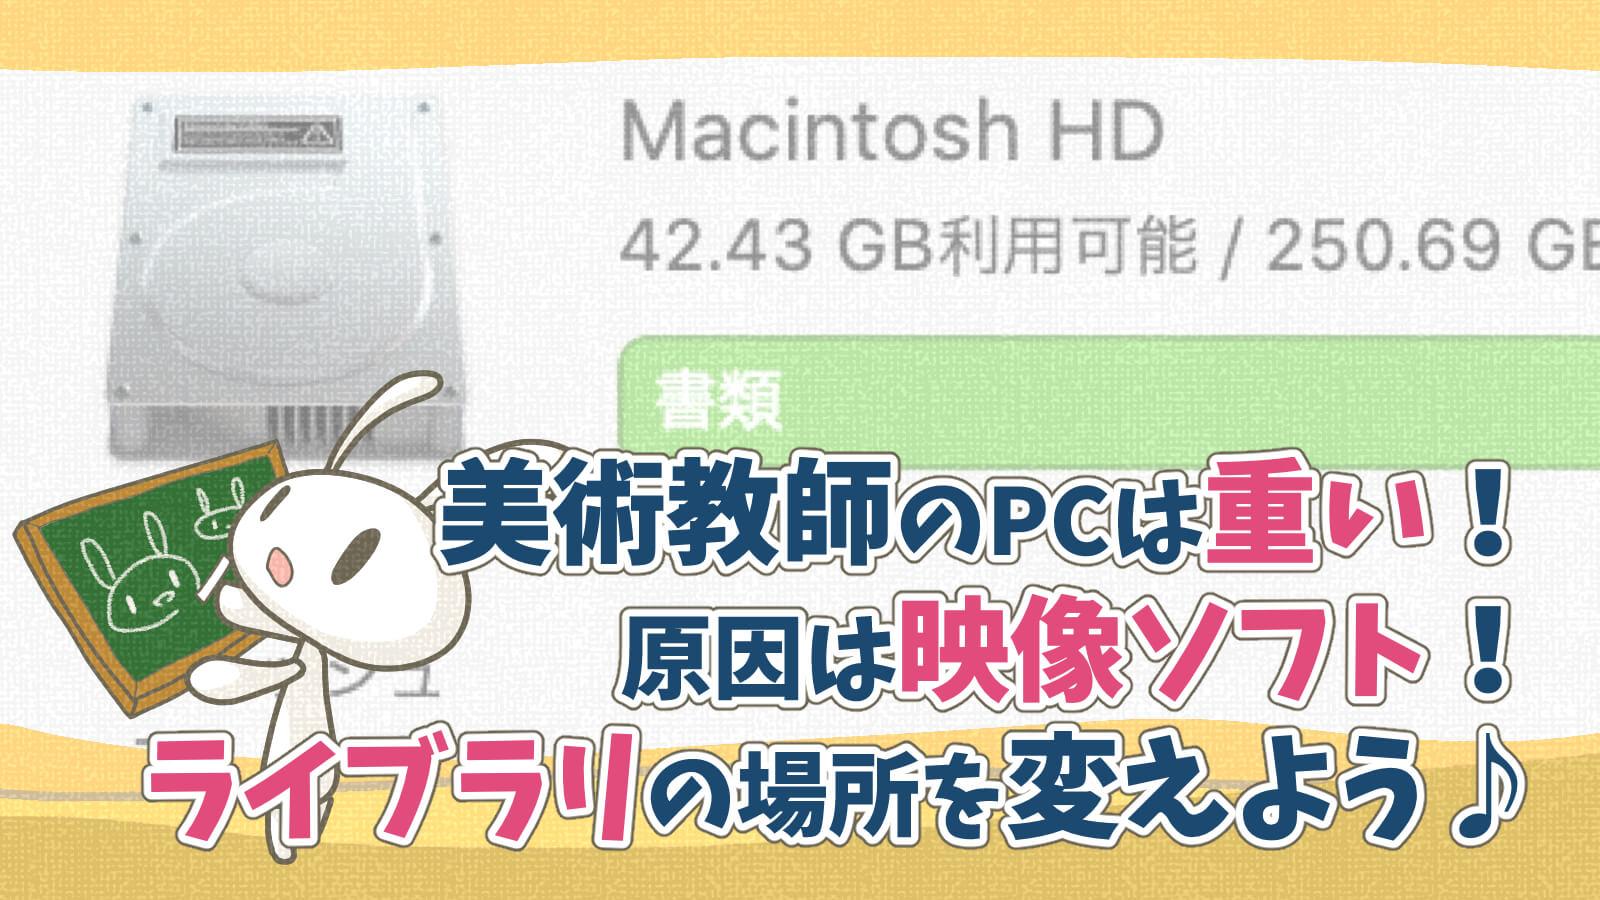 PCを軽くしてブログ運営を楽にするFCPXをHDDに移動